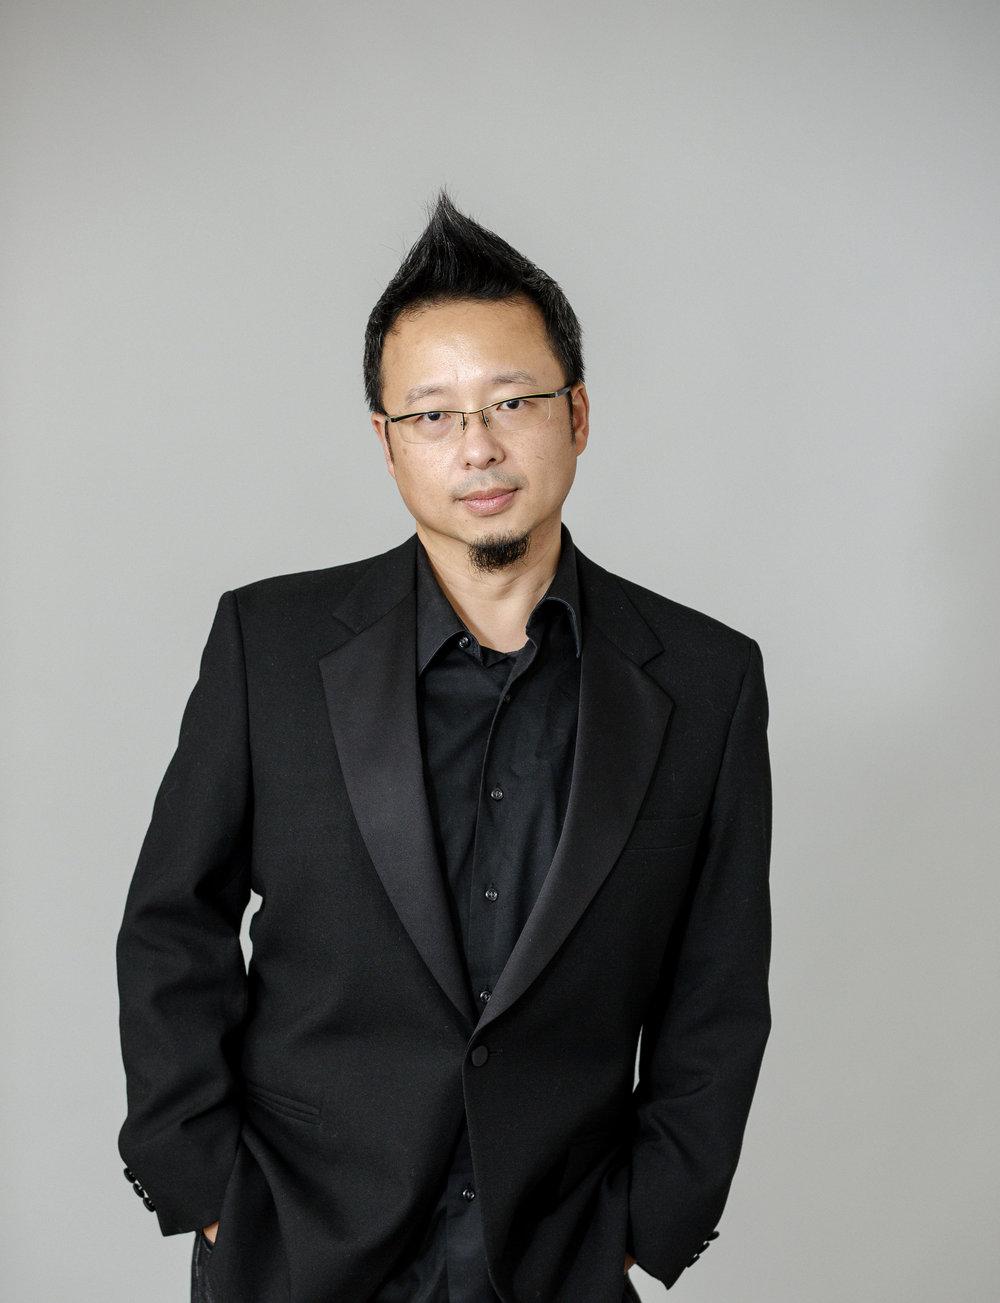 Joe Wang